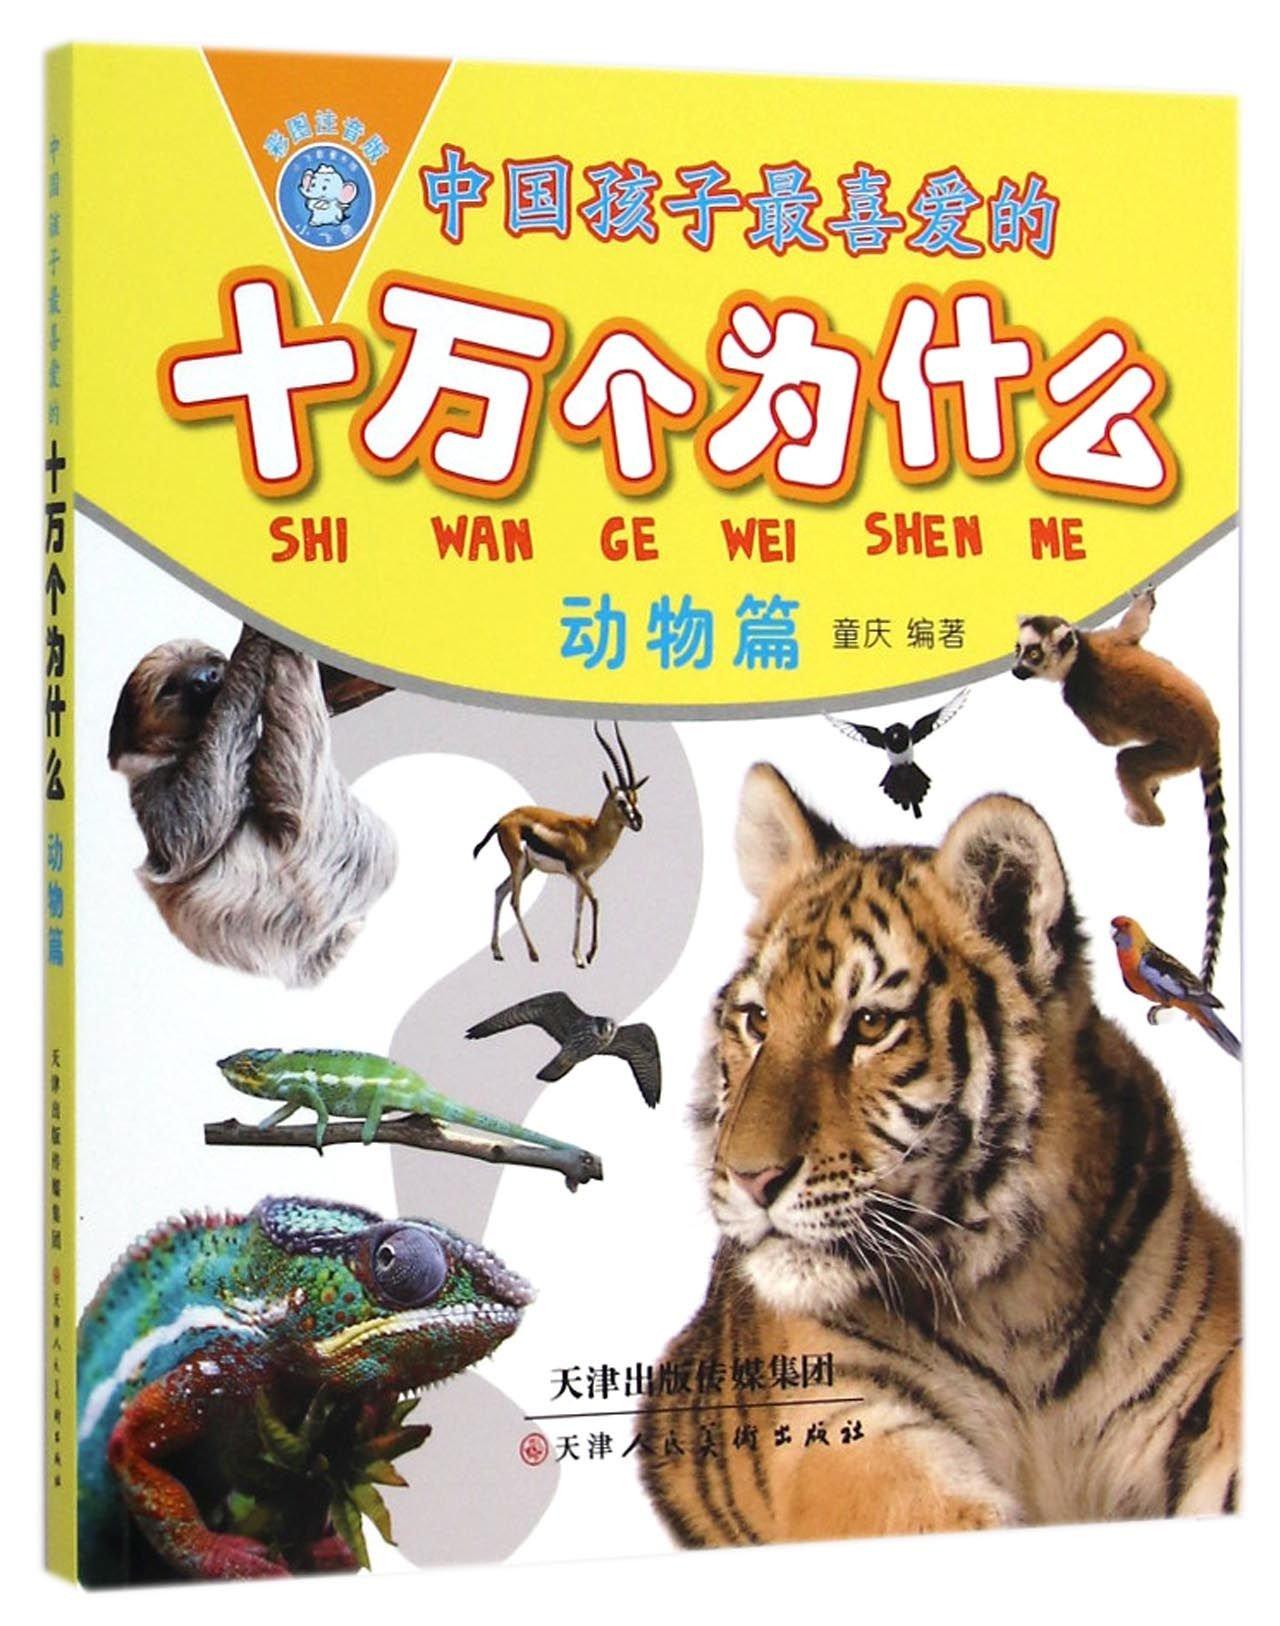 中国孩子最喜爱的十万个为什么-动物篇